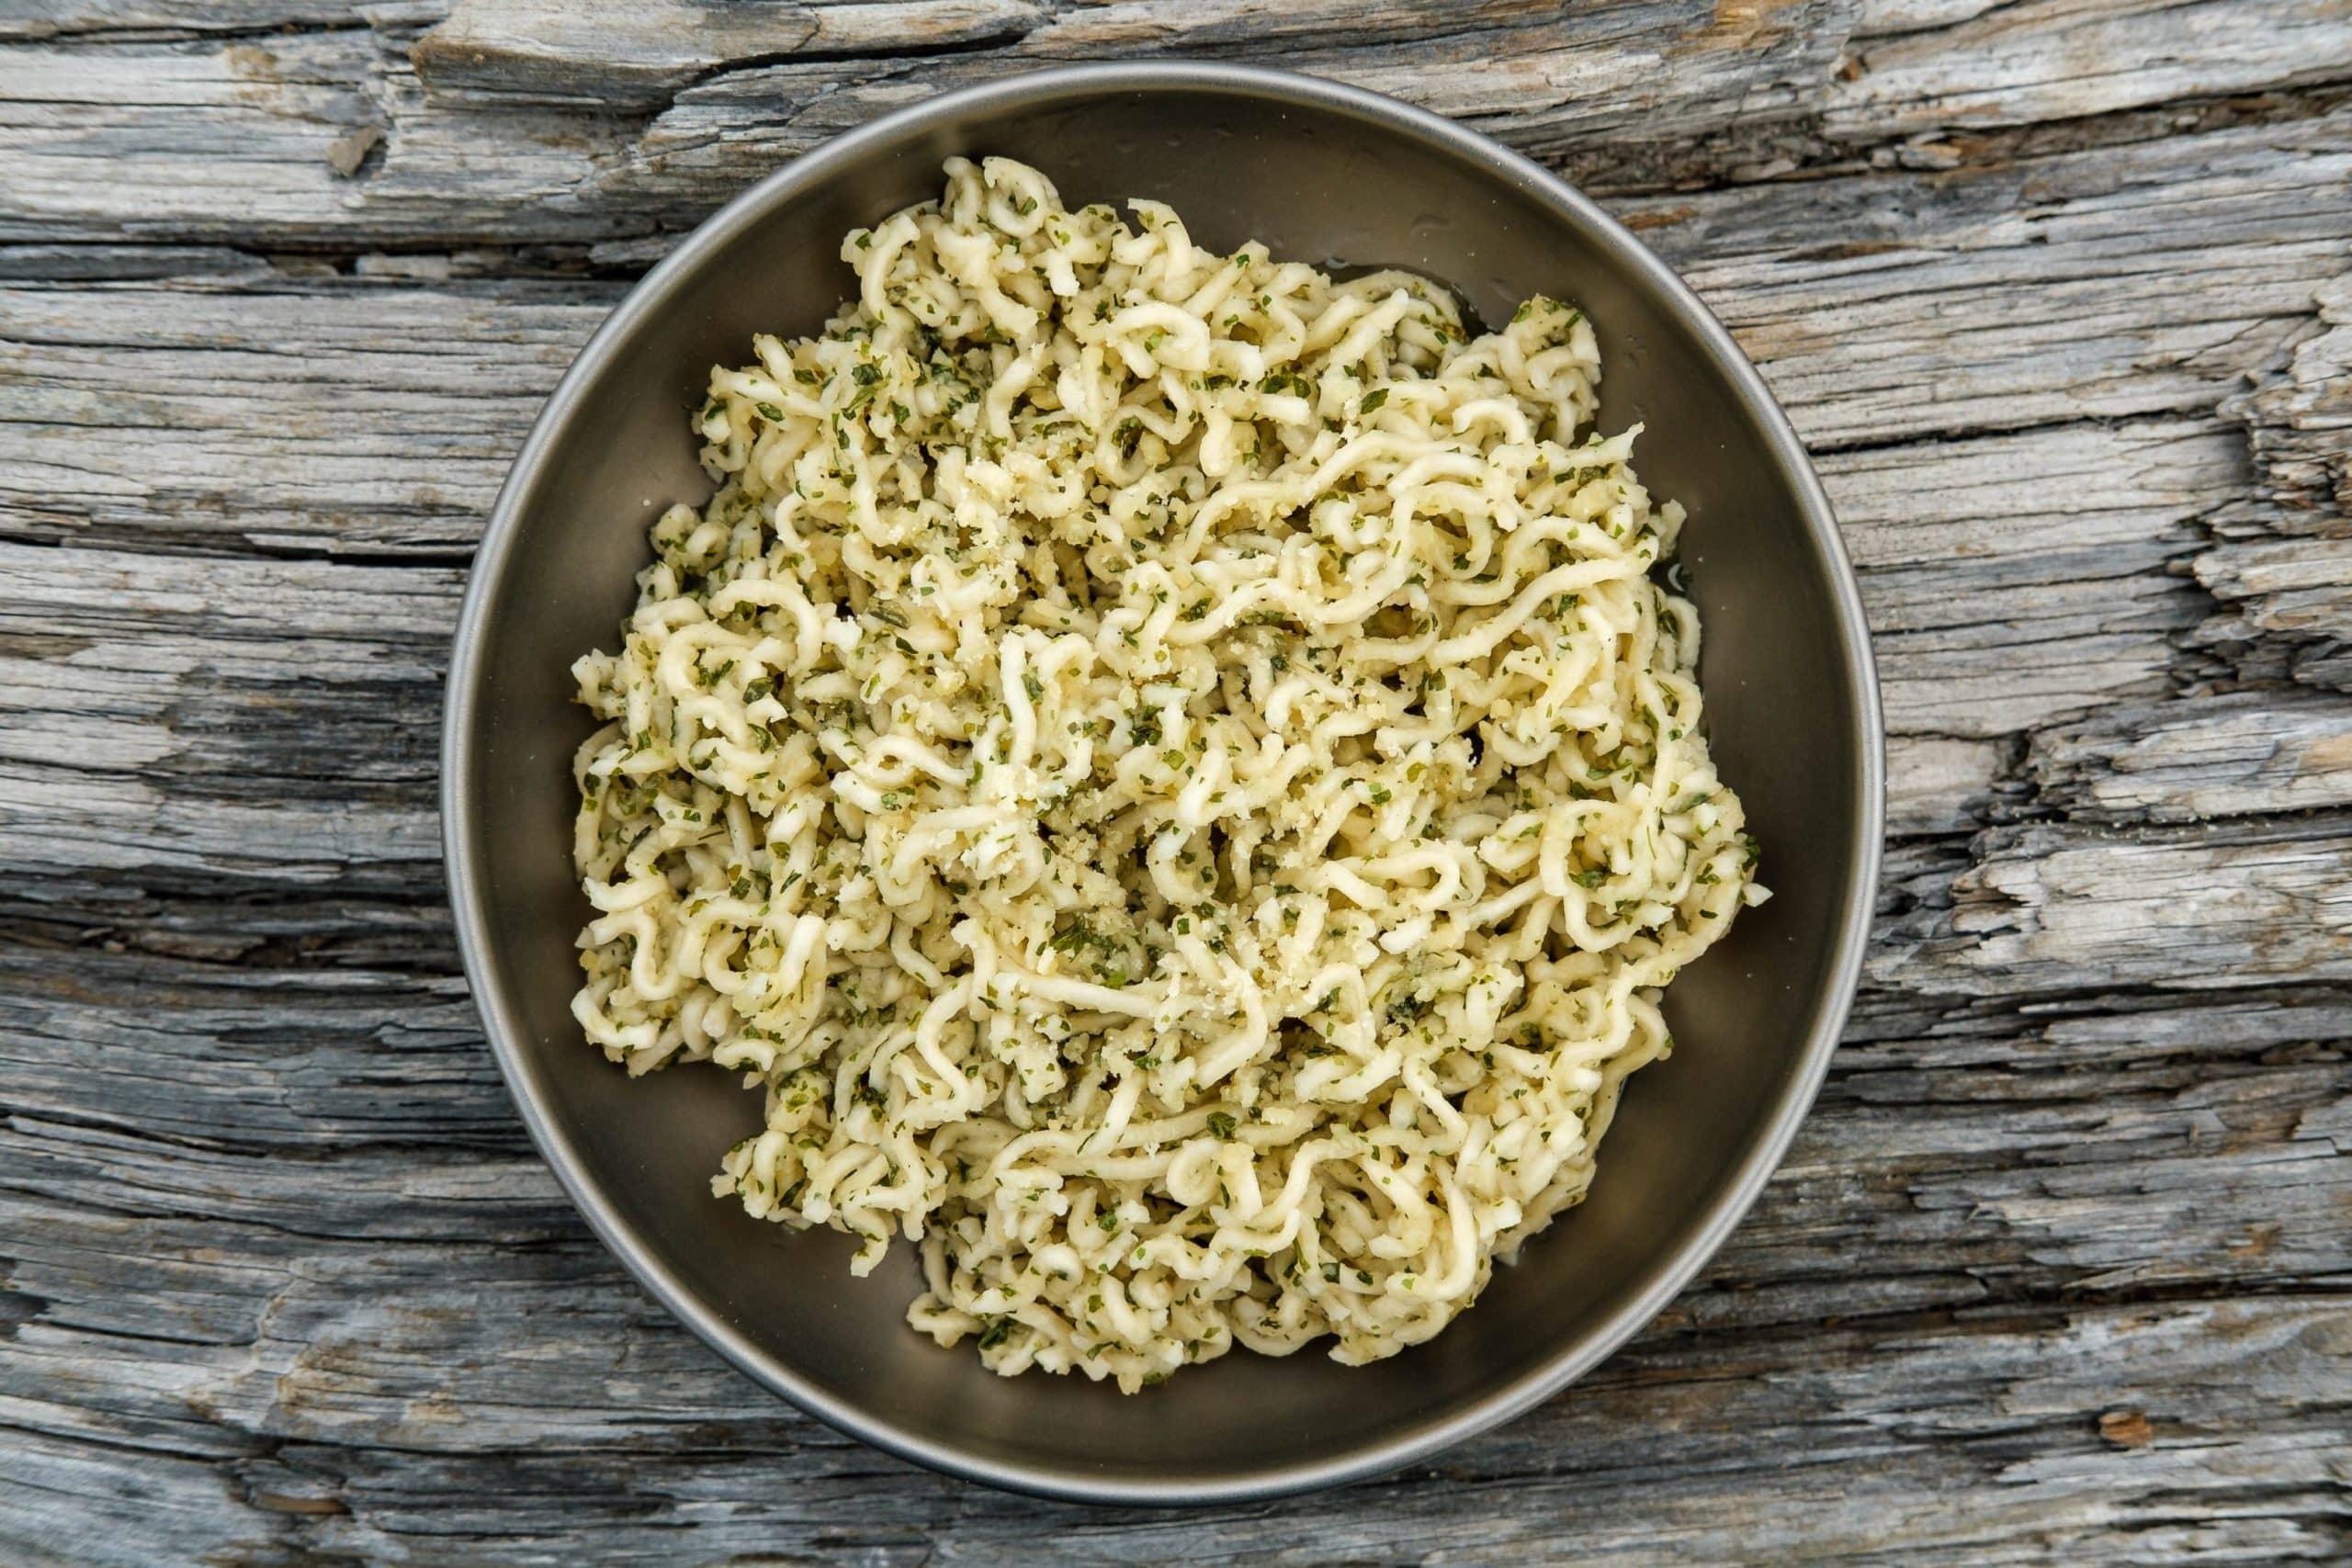 Ultralight Garlic Parmesan Ramen | Backcountry Foodie #ultralightbackpacking #backpackingmeals #backcountryfoodie